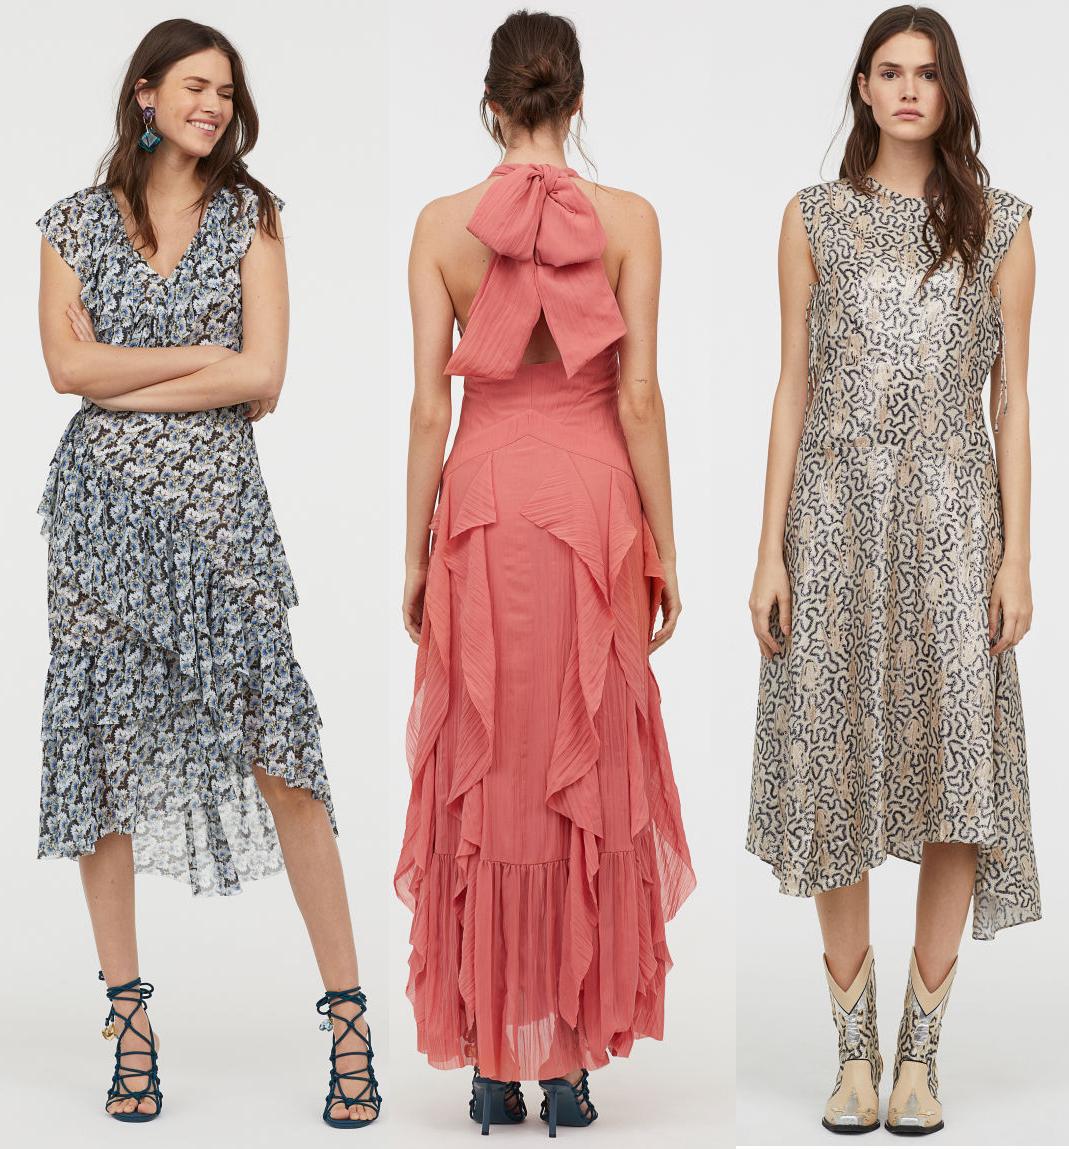 klänningar hm